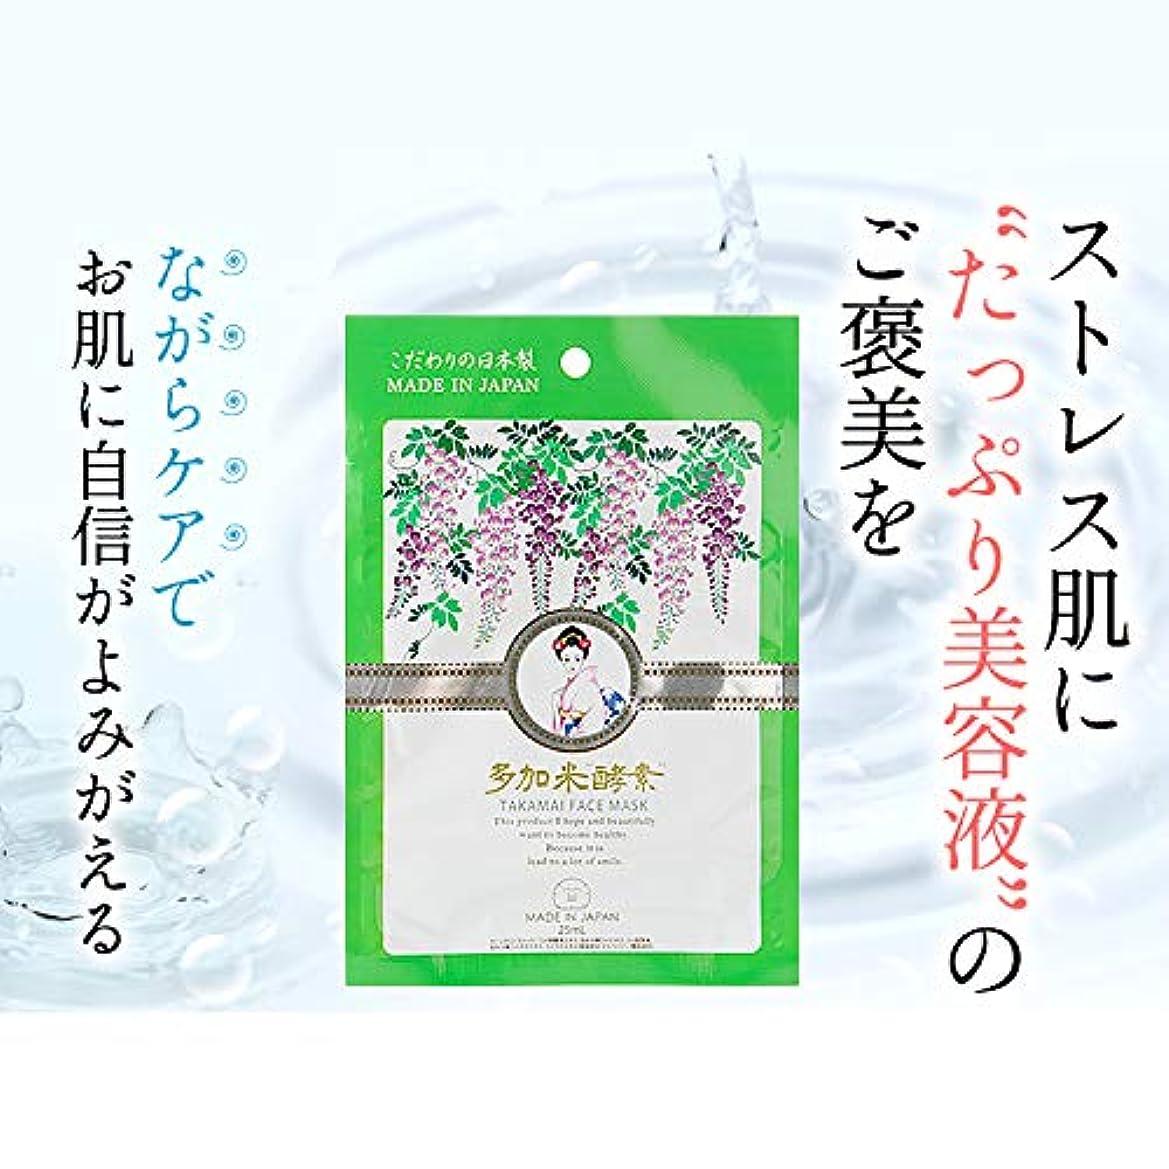 テクニカル夢中繊維多加米酵素フェイスマスク シートマスク フェイスマスク 保湿マスク 美容液 25ml 20枚セット